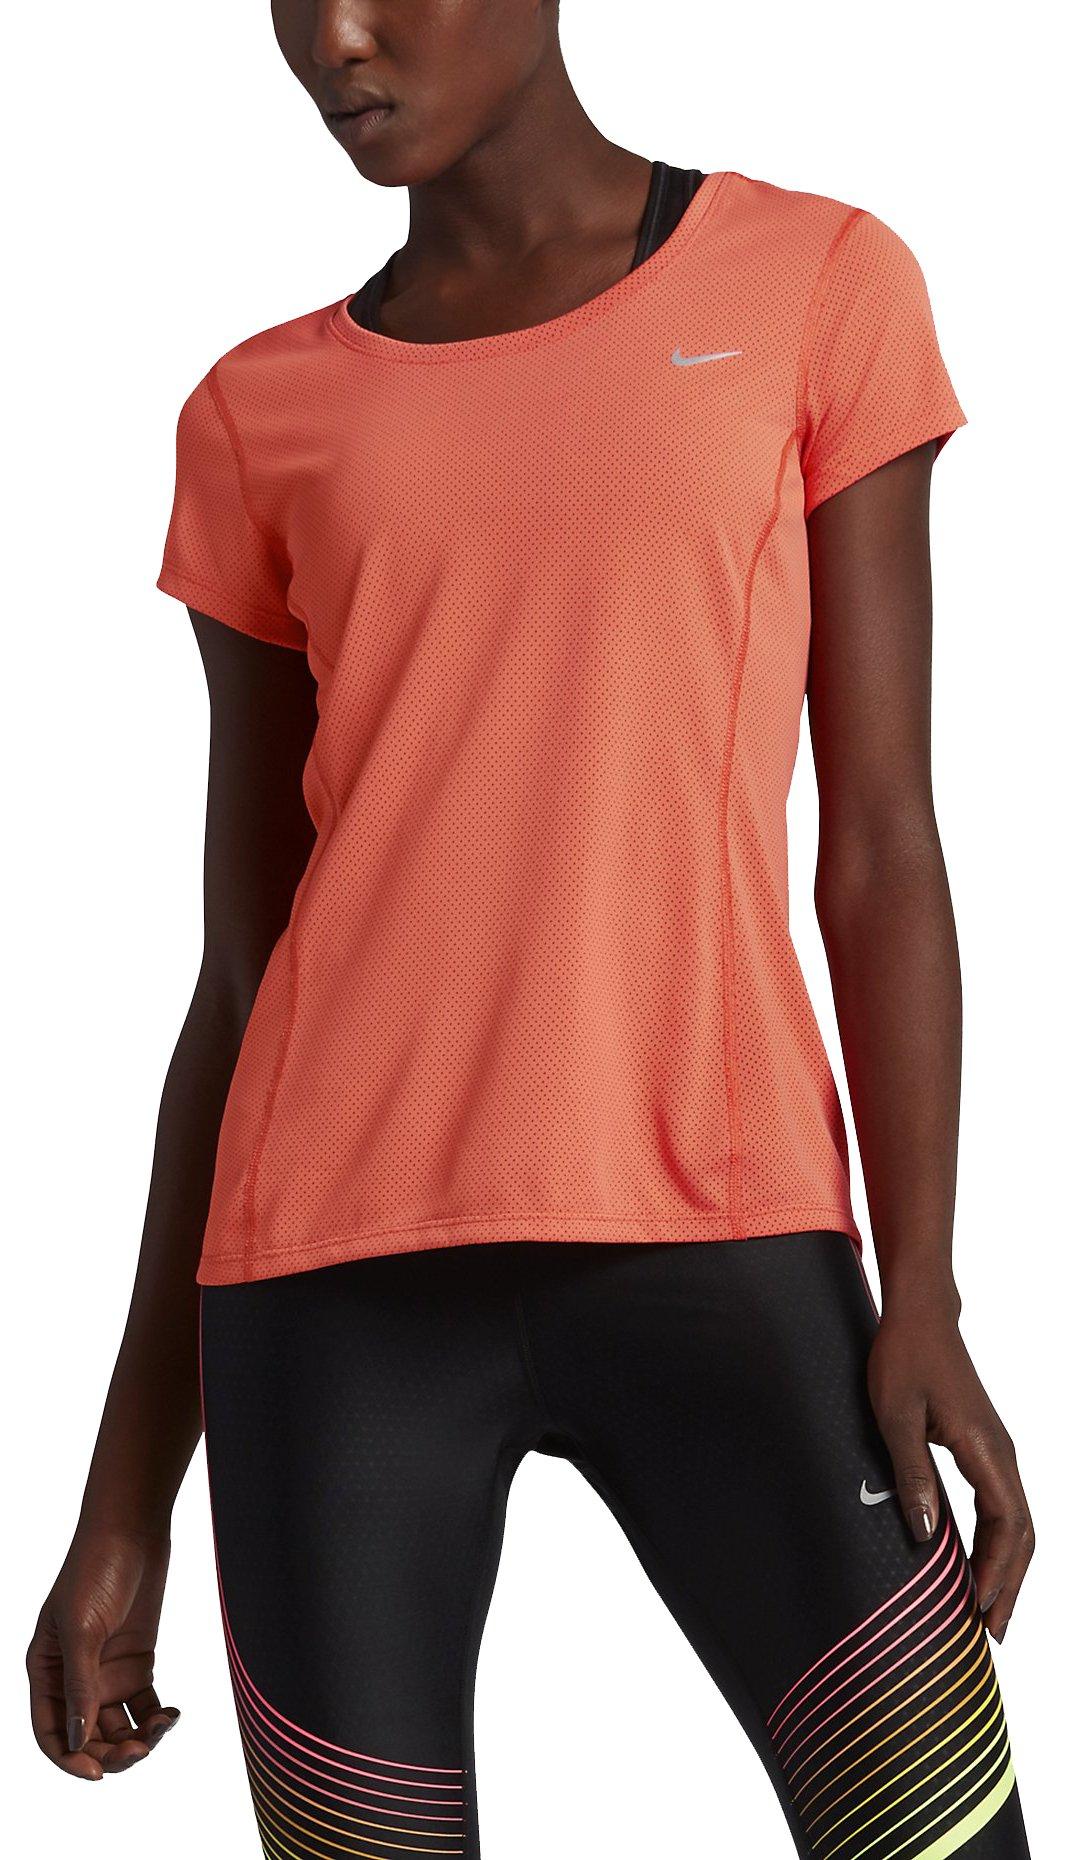 Běžecké tričko s krátkým rukávem Nike Dri-FIT Contour